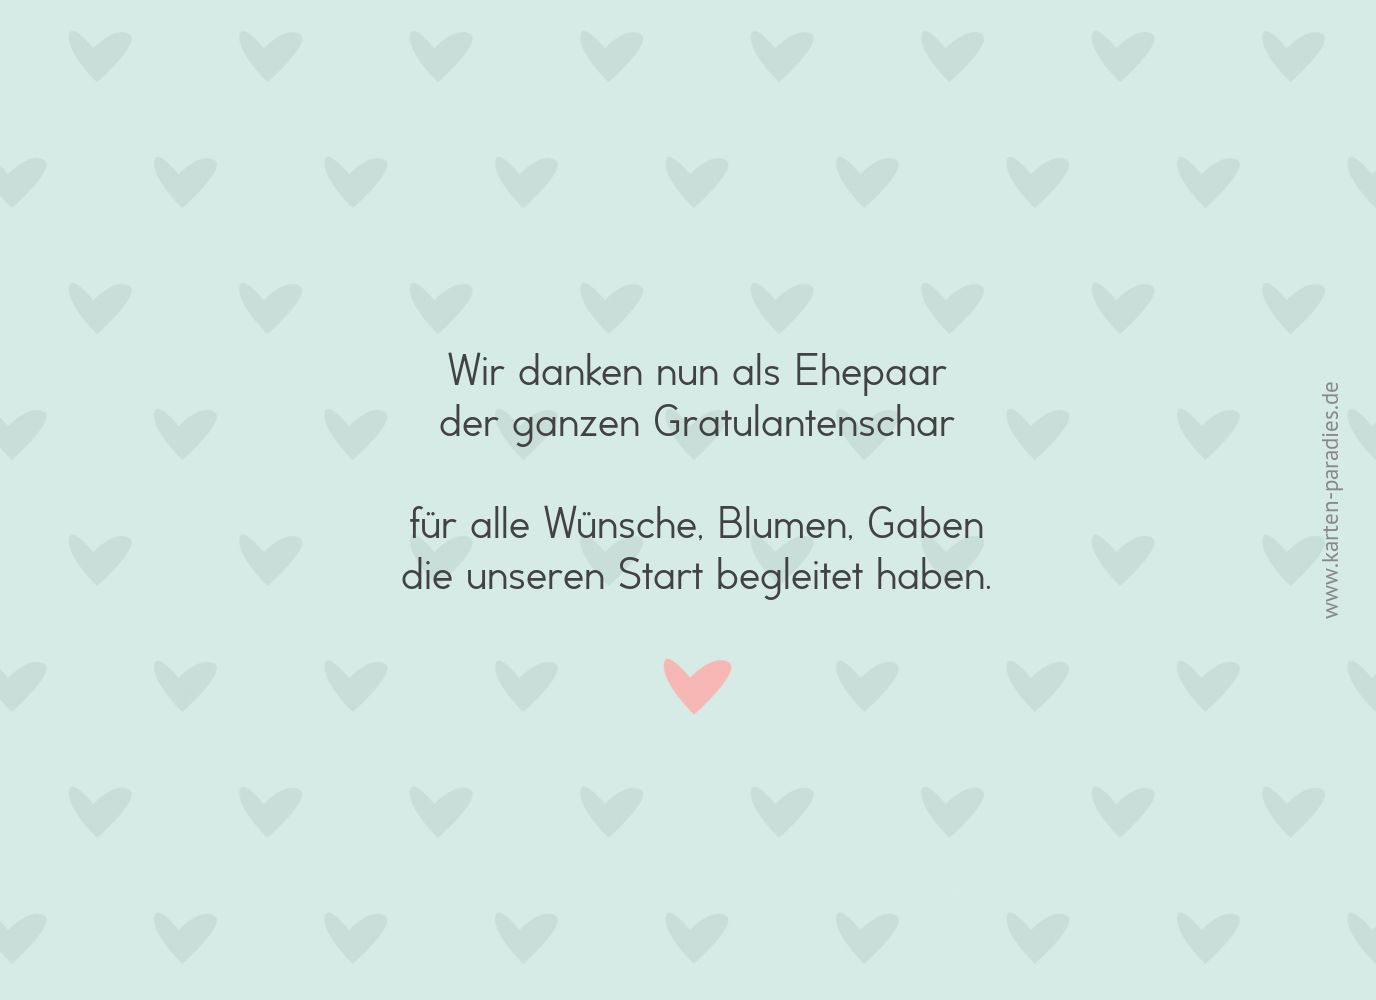 Ansicht 2 - Hochzeit Dankeskarte Pärchen - Männer